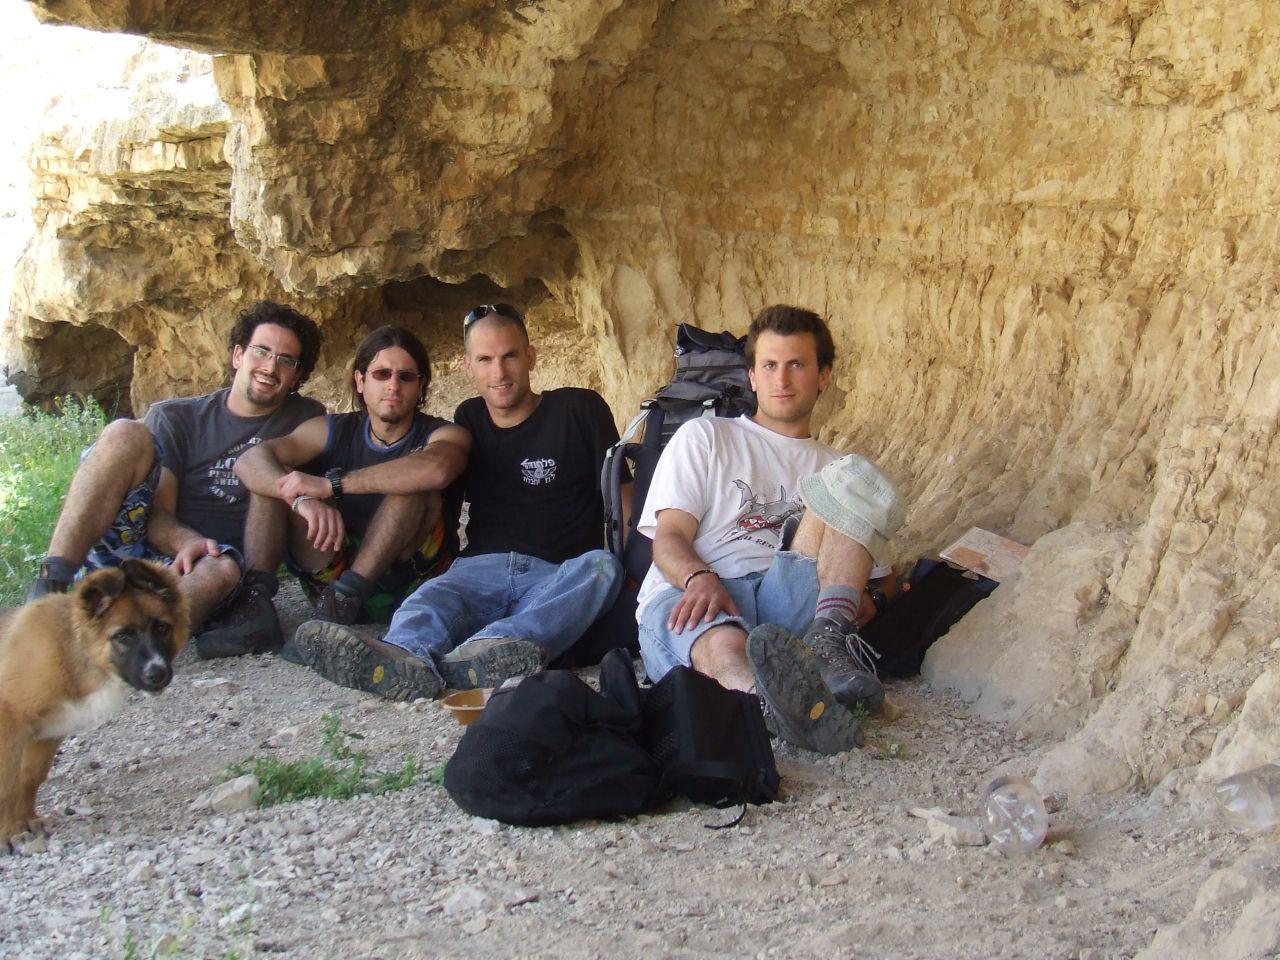 שלמה עם יצחק אלפסי ופוקס בנחל עוג